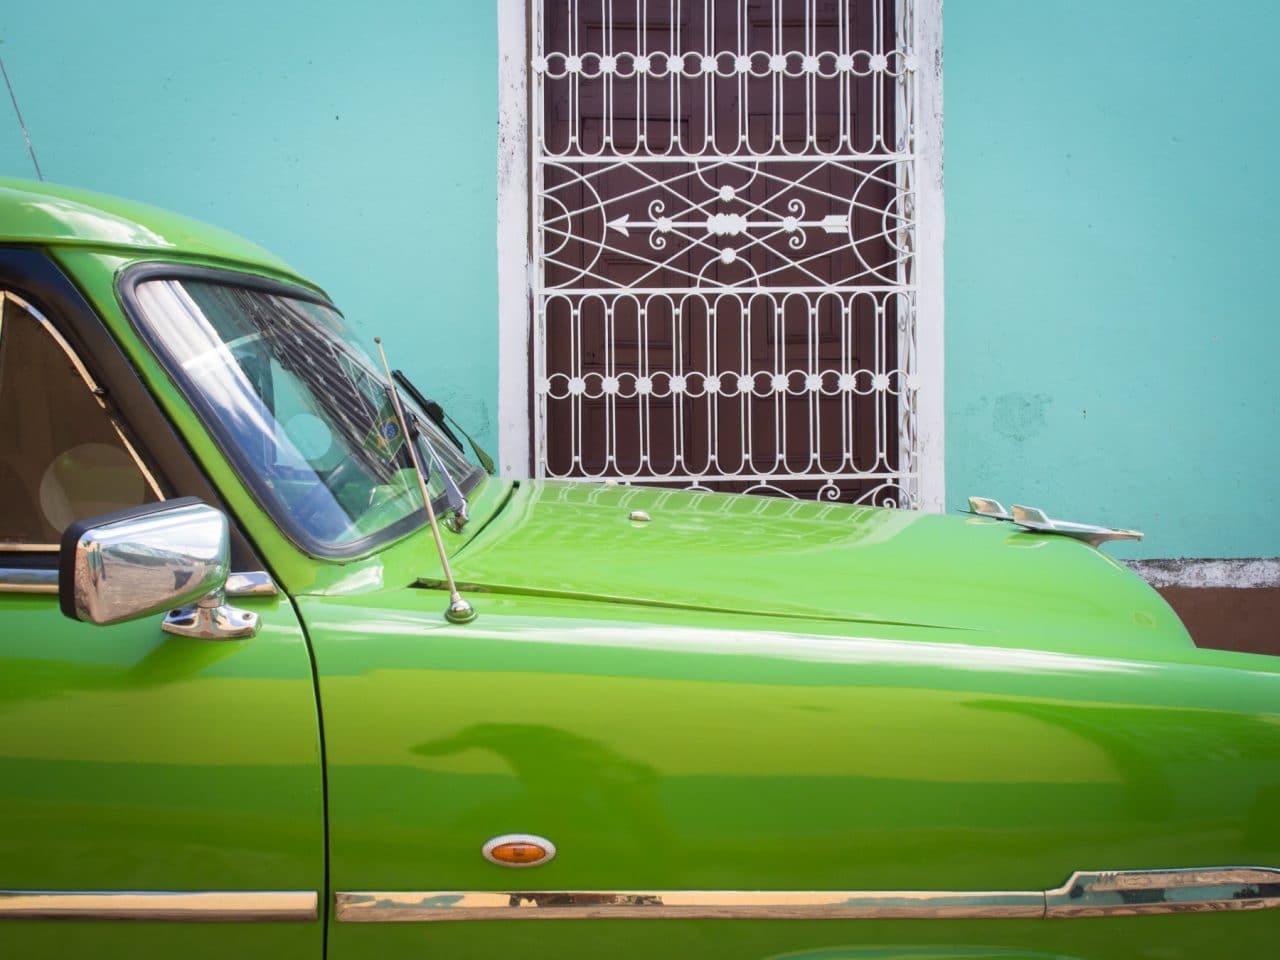 chevrolet cuba-trinidad a cuba-trinidad cuba images